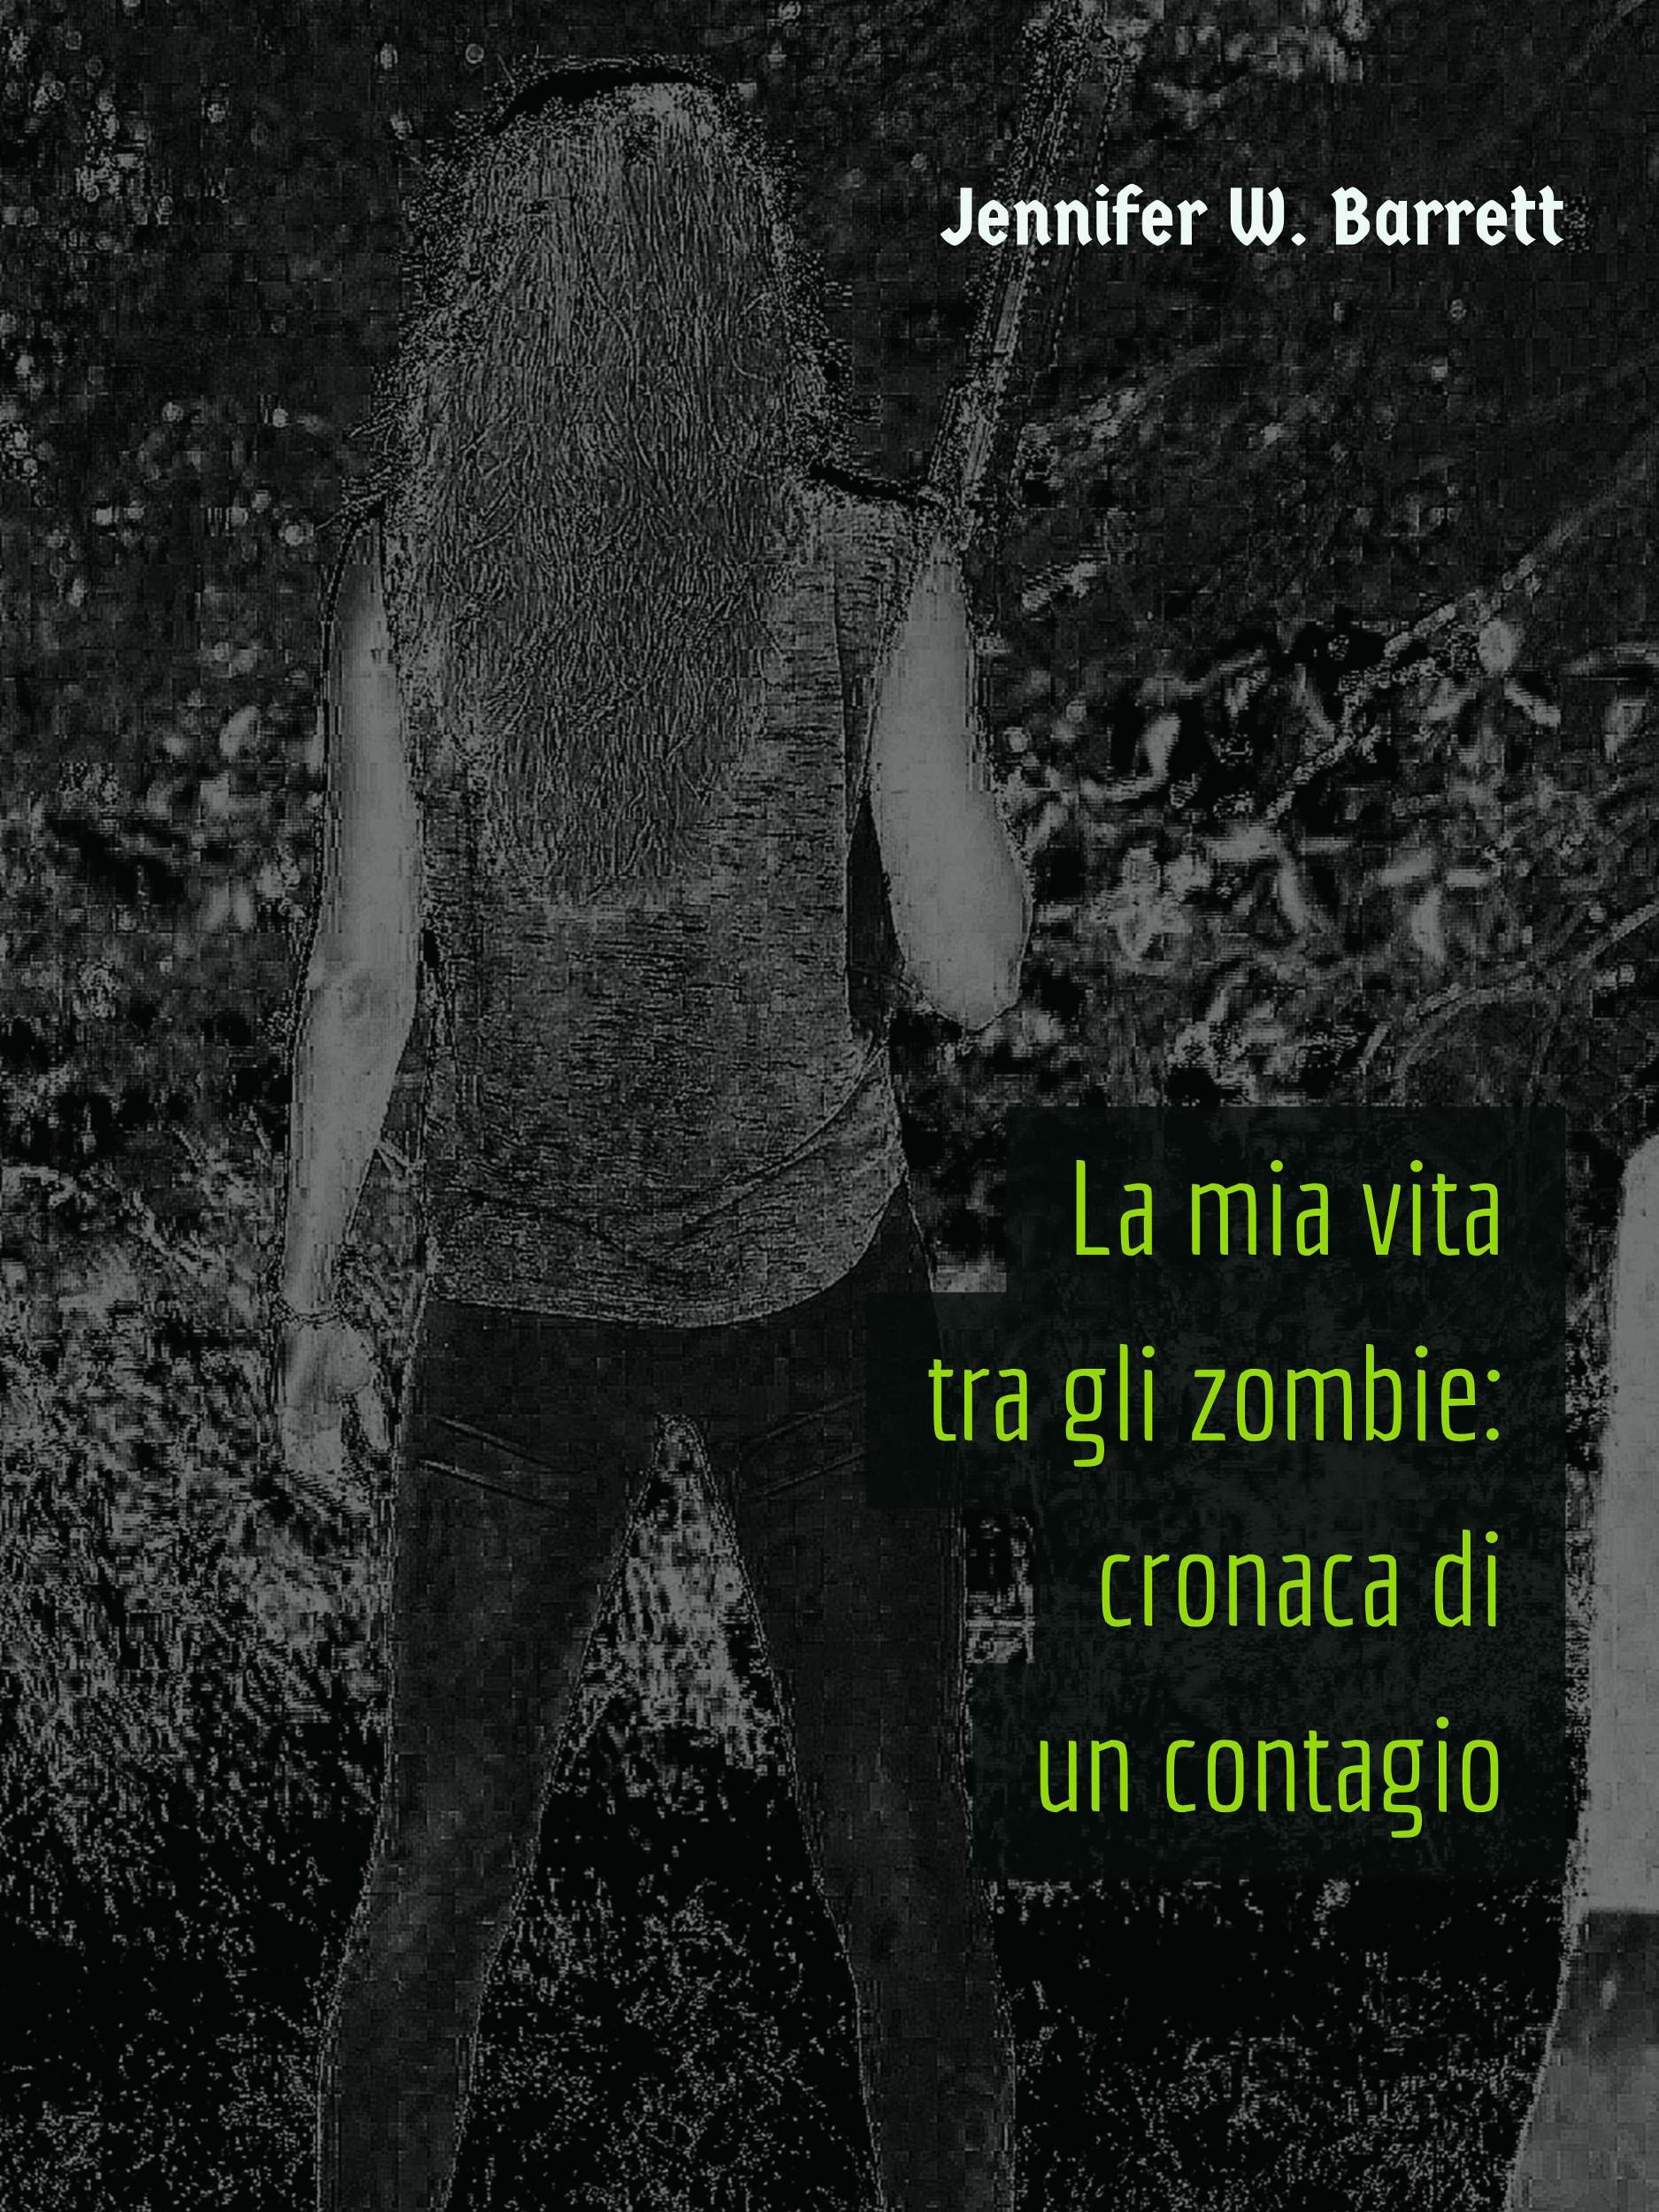 La mia vita tra gli zombie: cronaca di un contagio